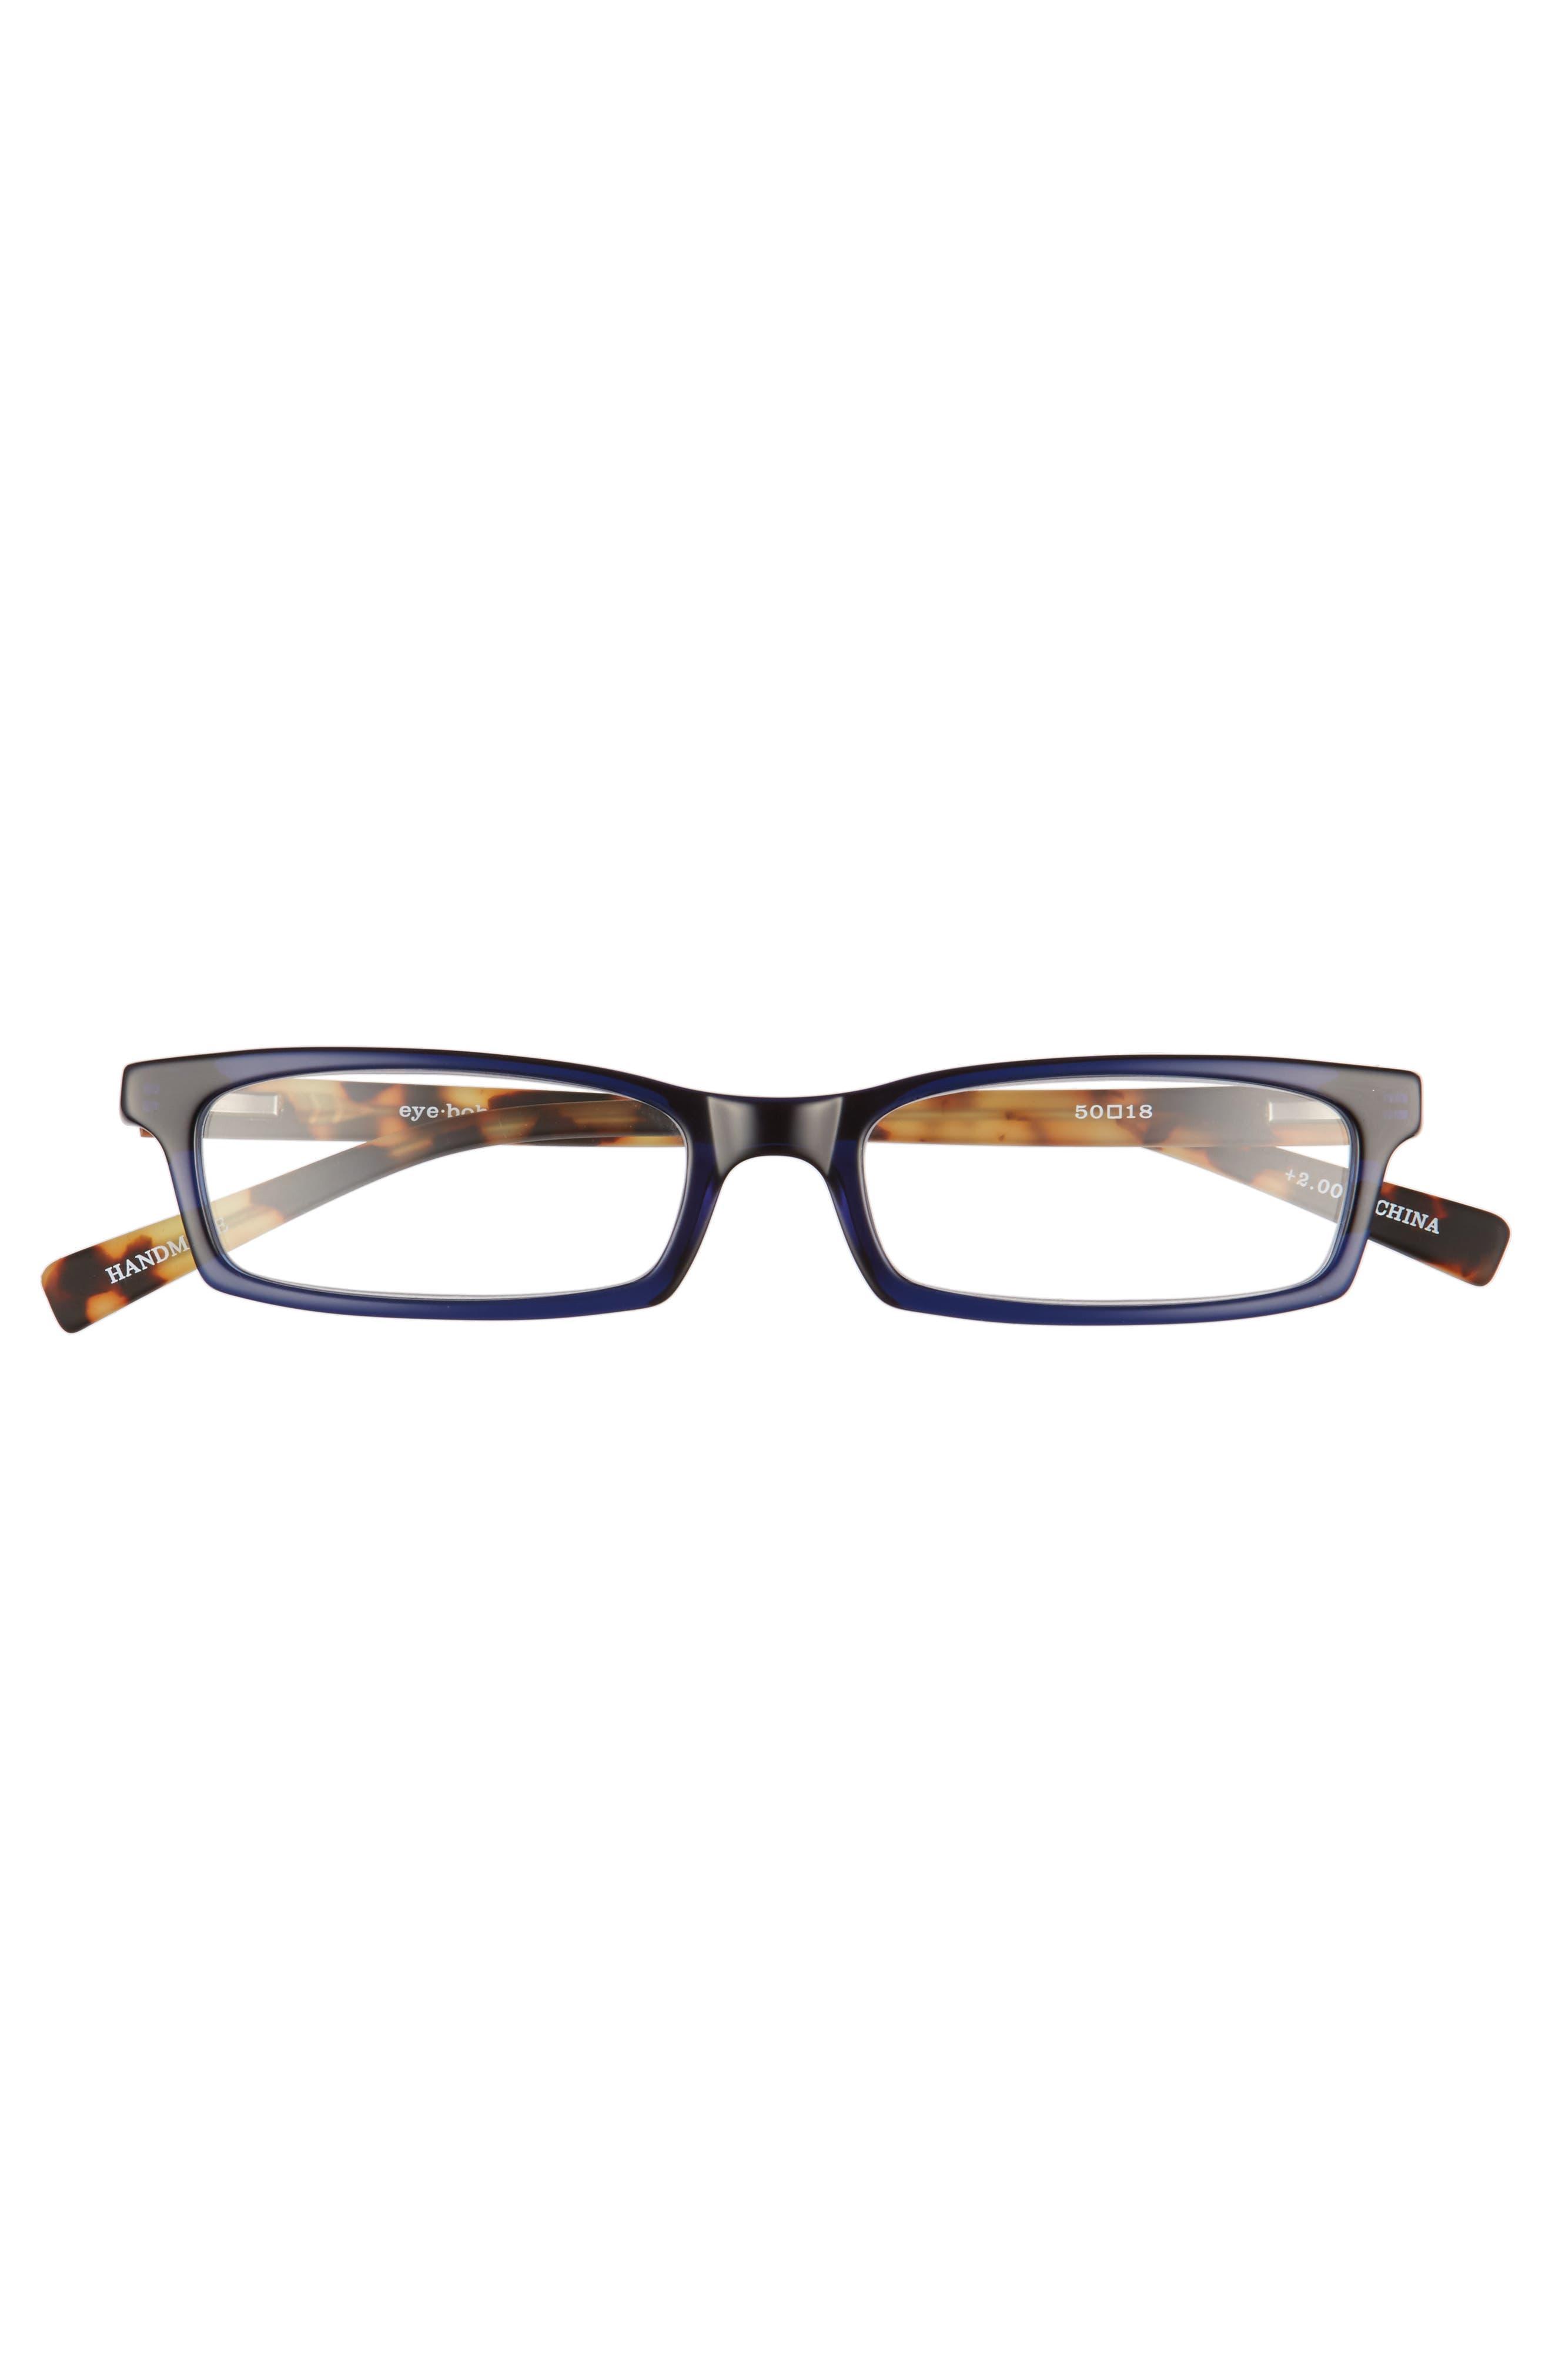 Man Power 50mm Reading Glasses,                             Alternate thumbnail 2, color,                             410